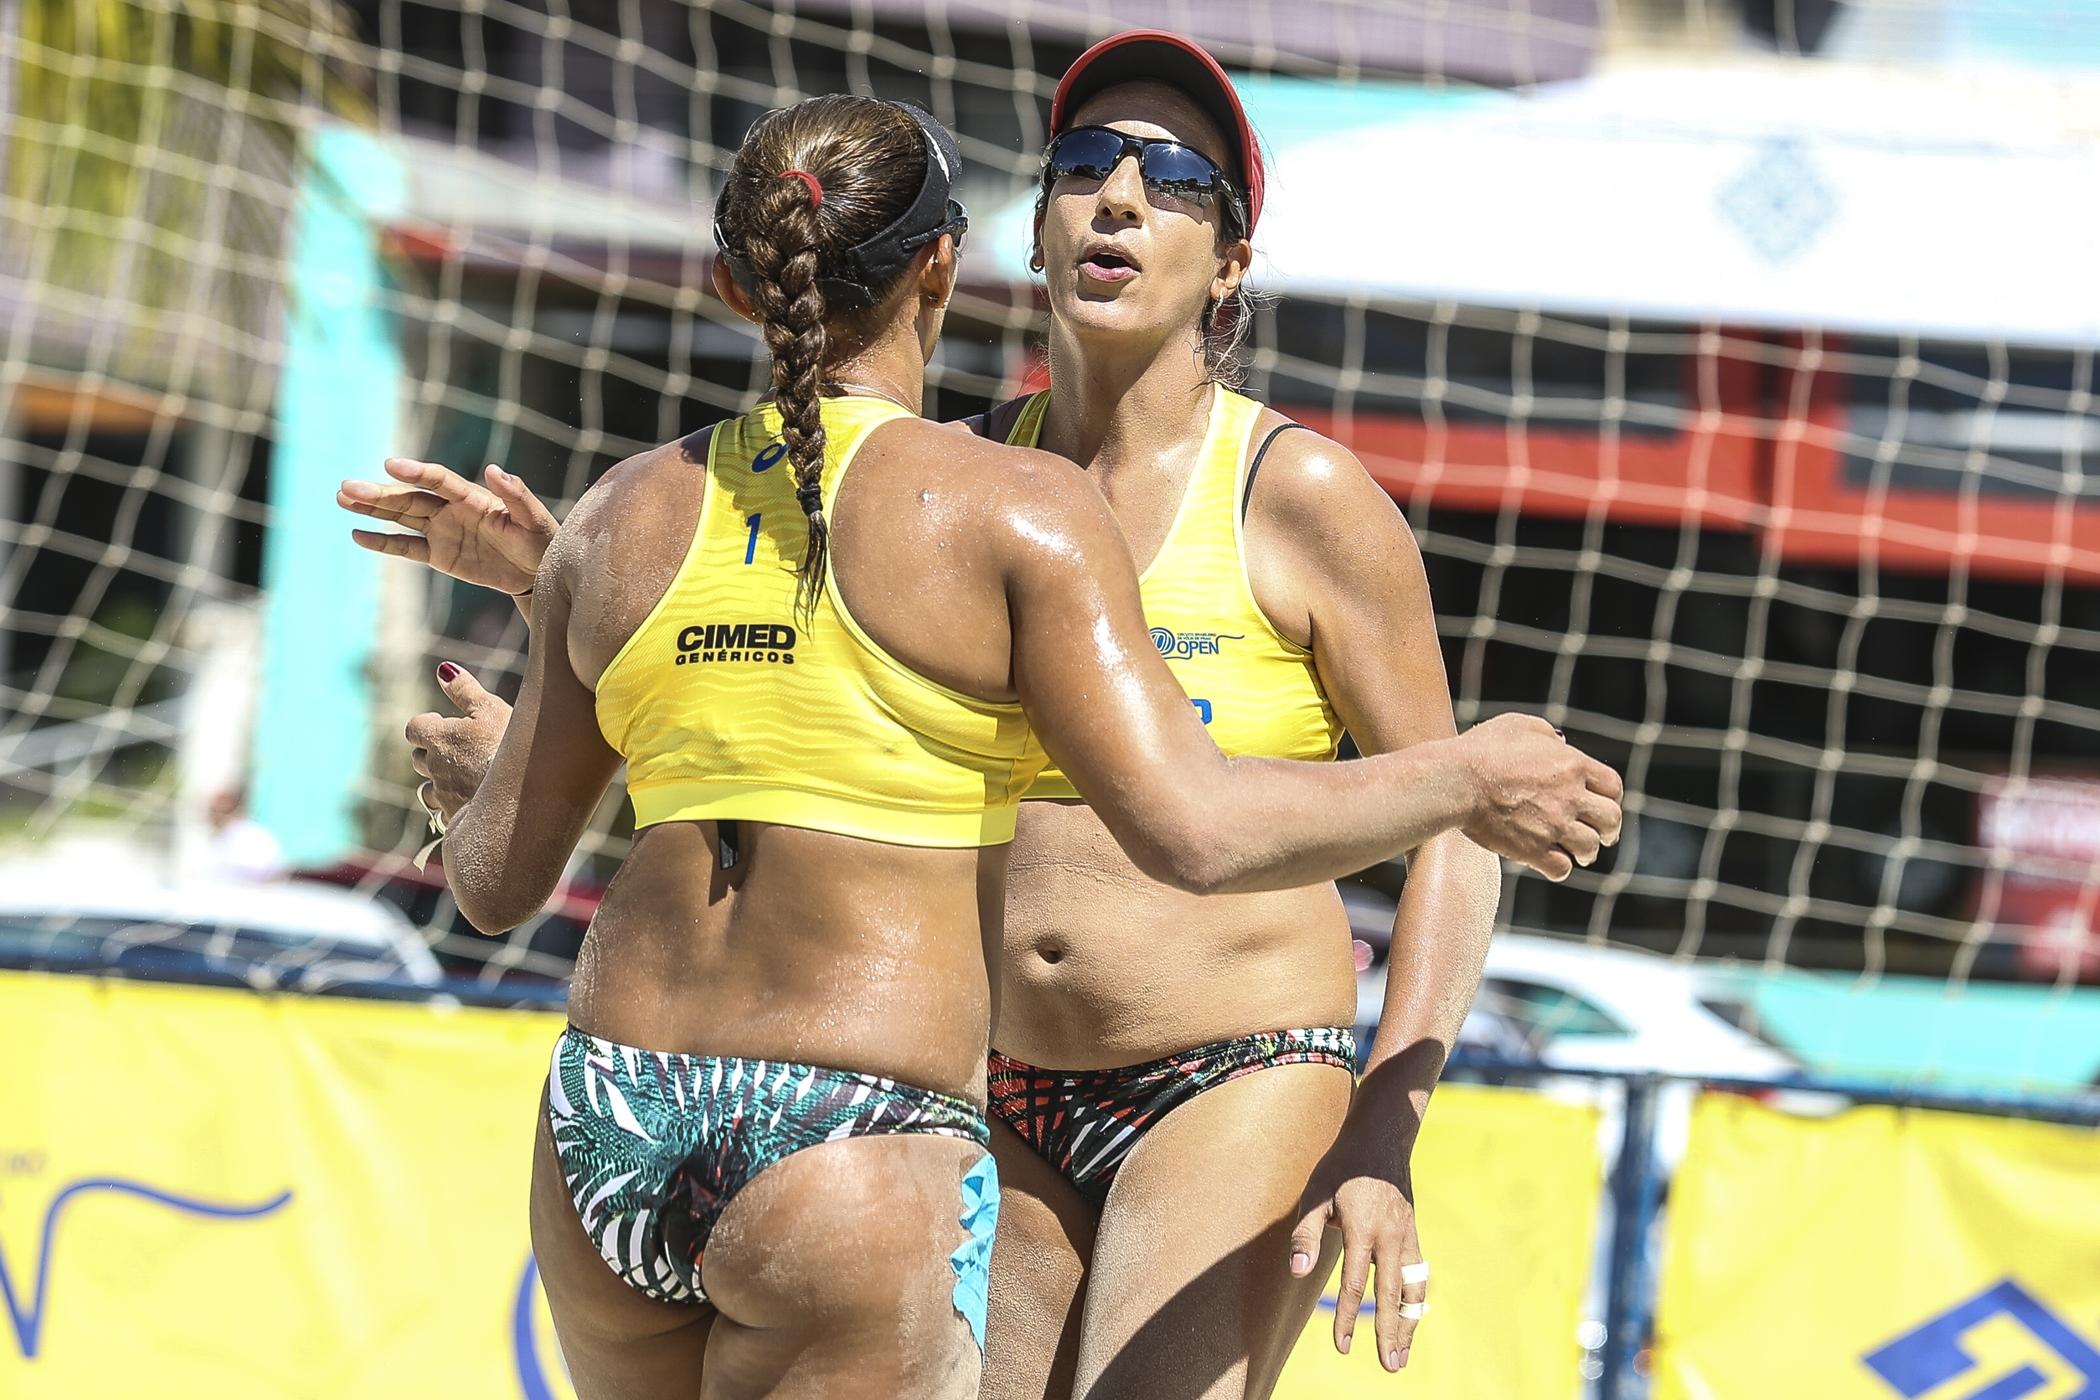 Oitavas de final do torneio feminino são definidas em Maceió (AL)